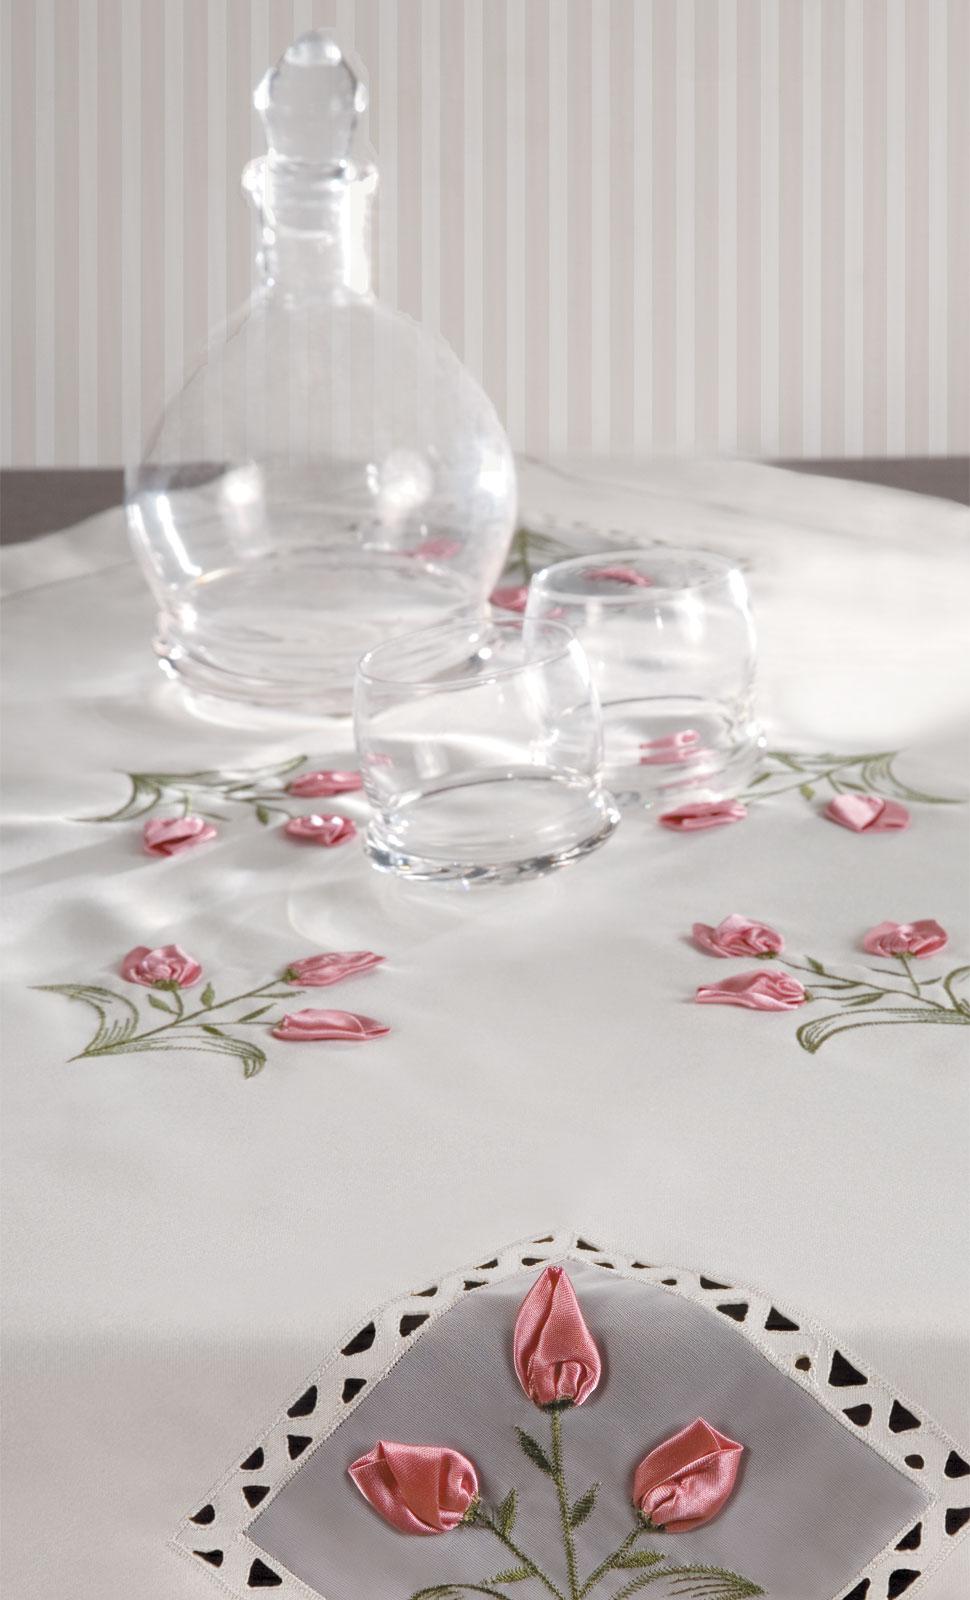 Aranżacja tekstyliów domowych do katalogu